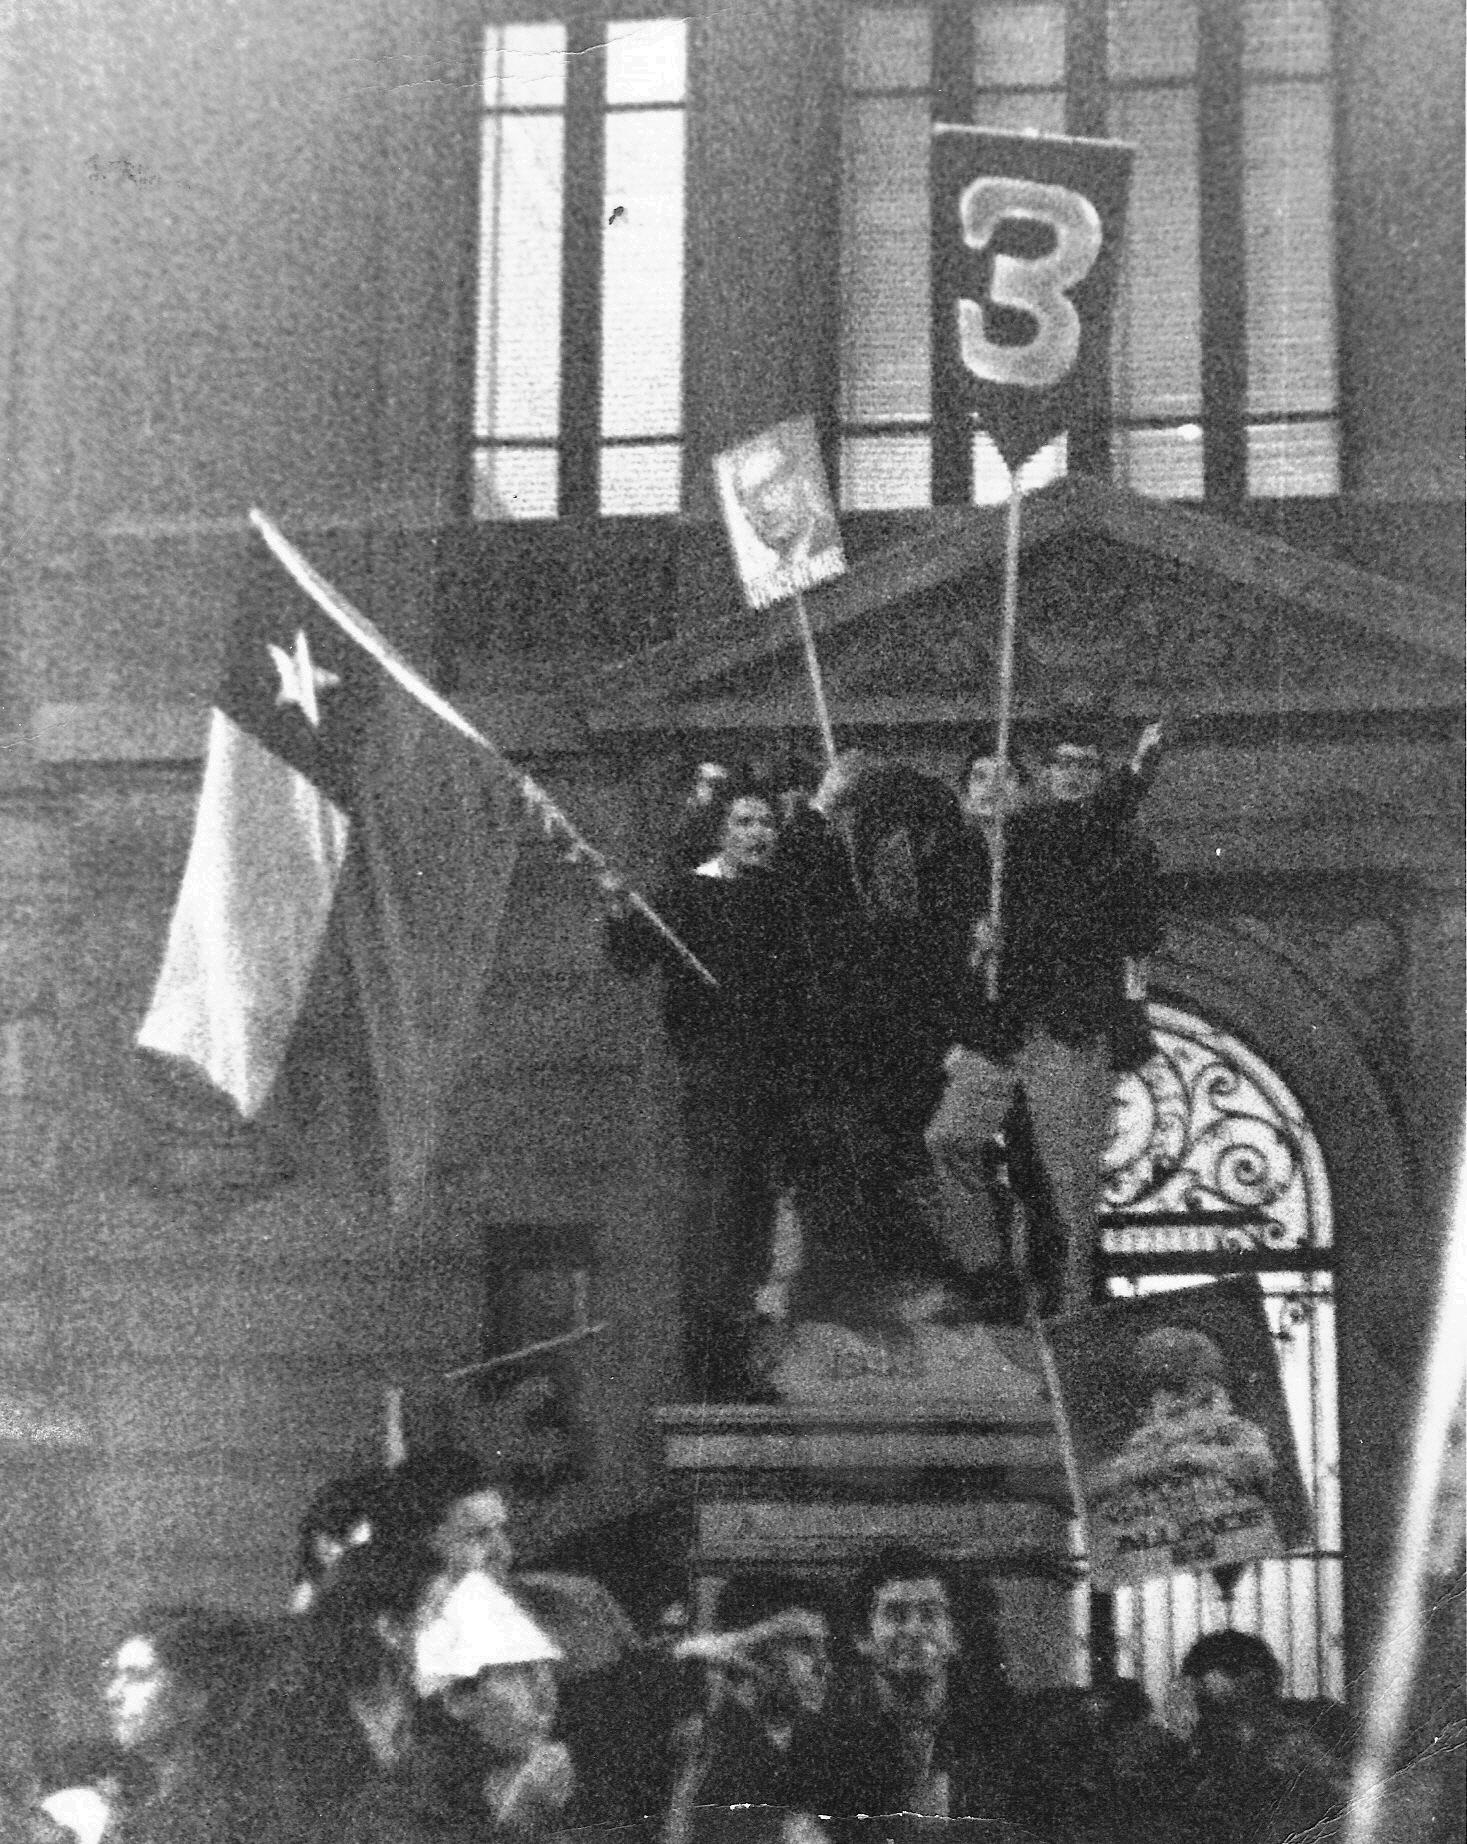 Celebraciones por el triunfo de Allende en las elecciones de 1970. Manifestación frente a la Universidad Católica en la Alameda en Santiago.